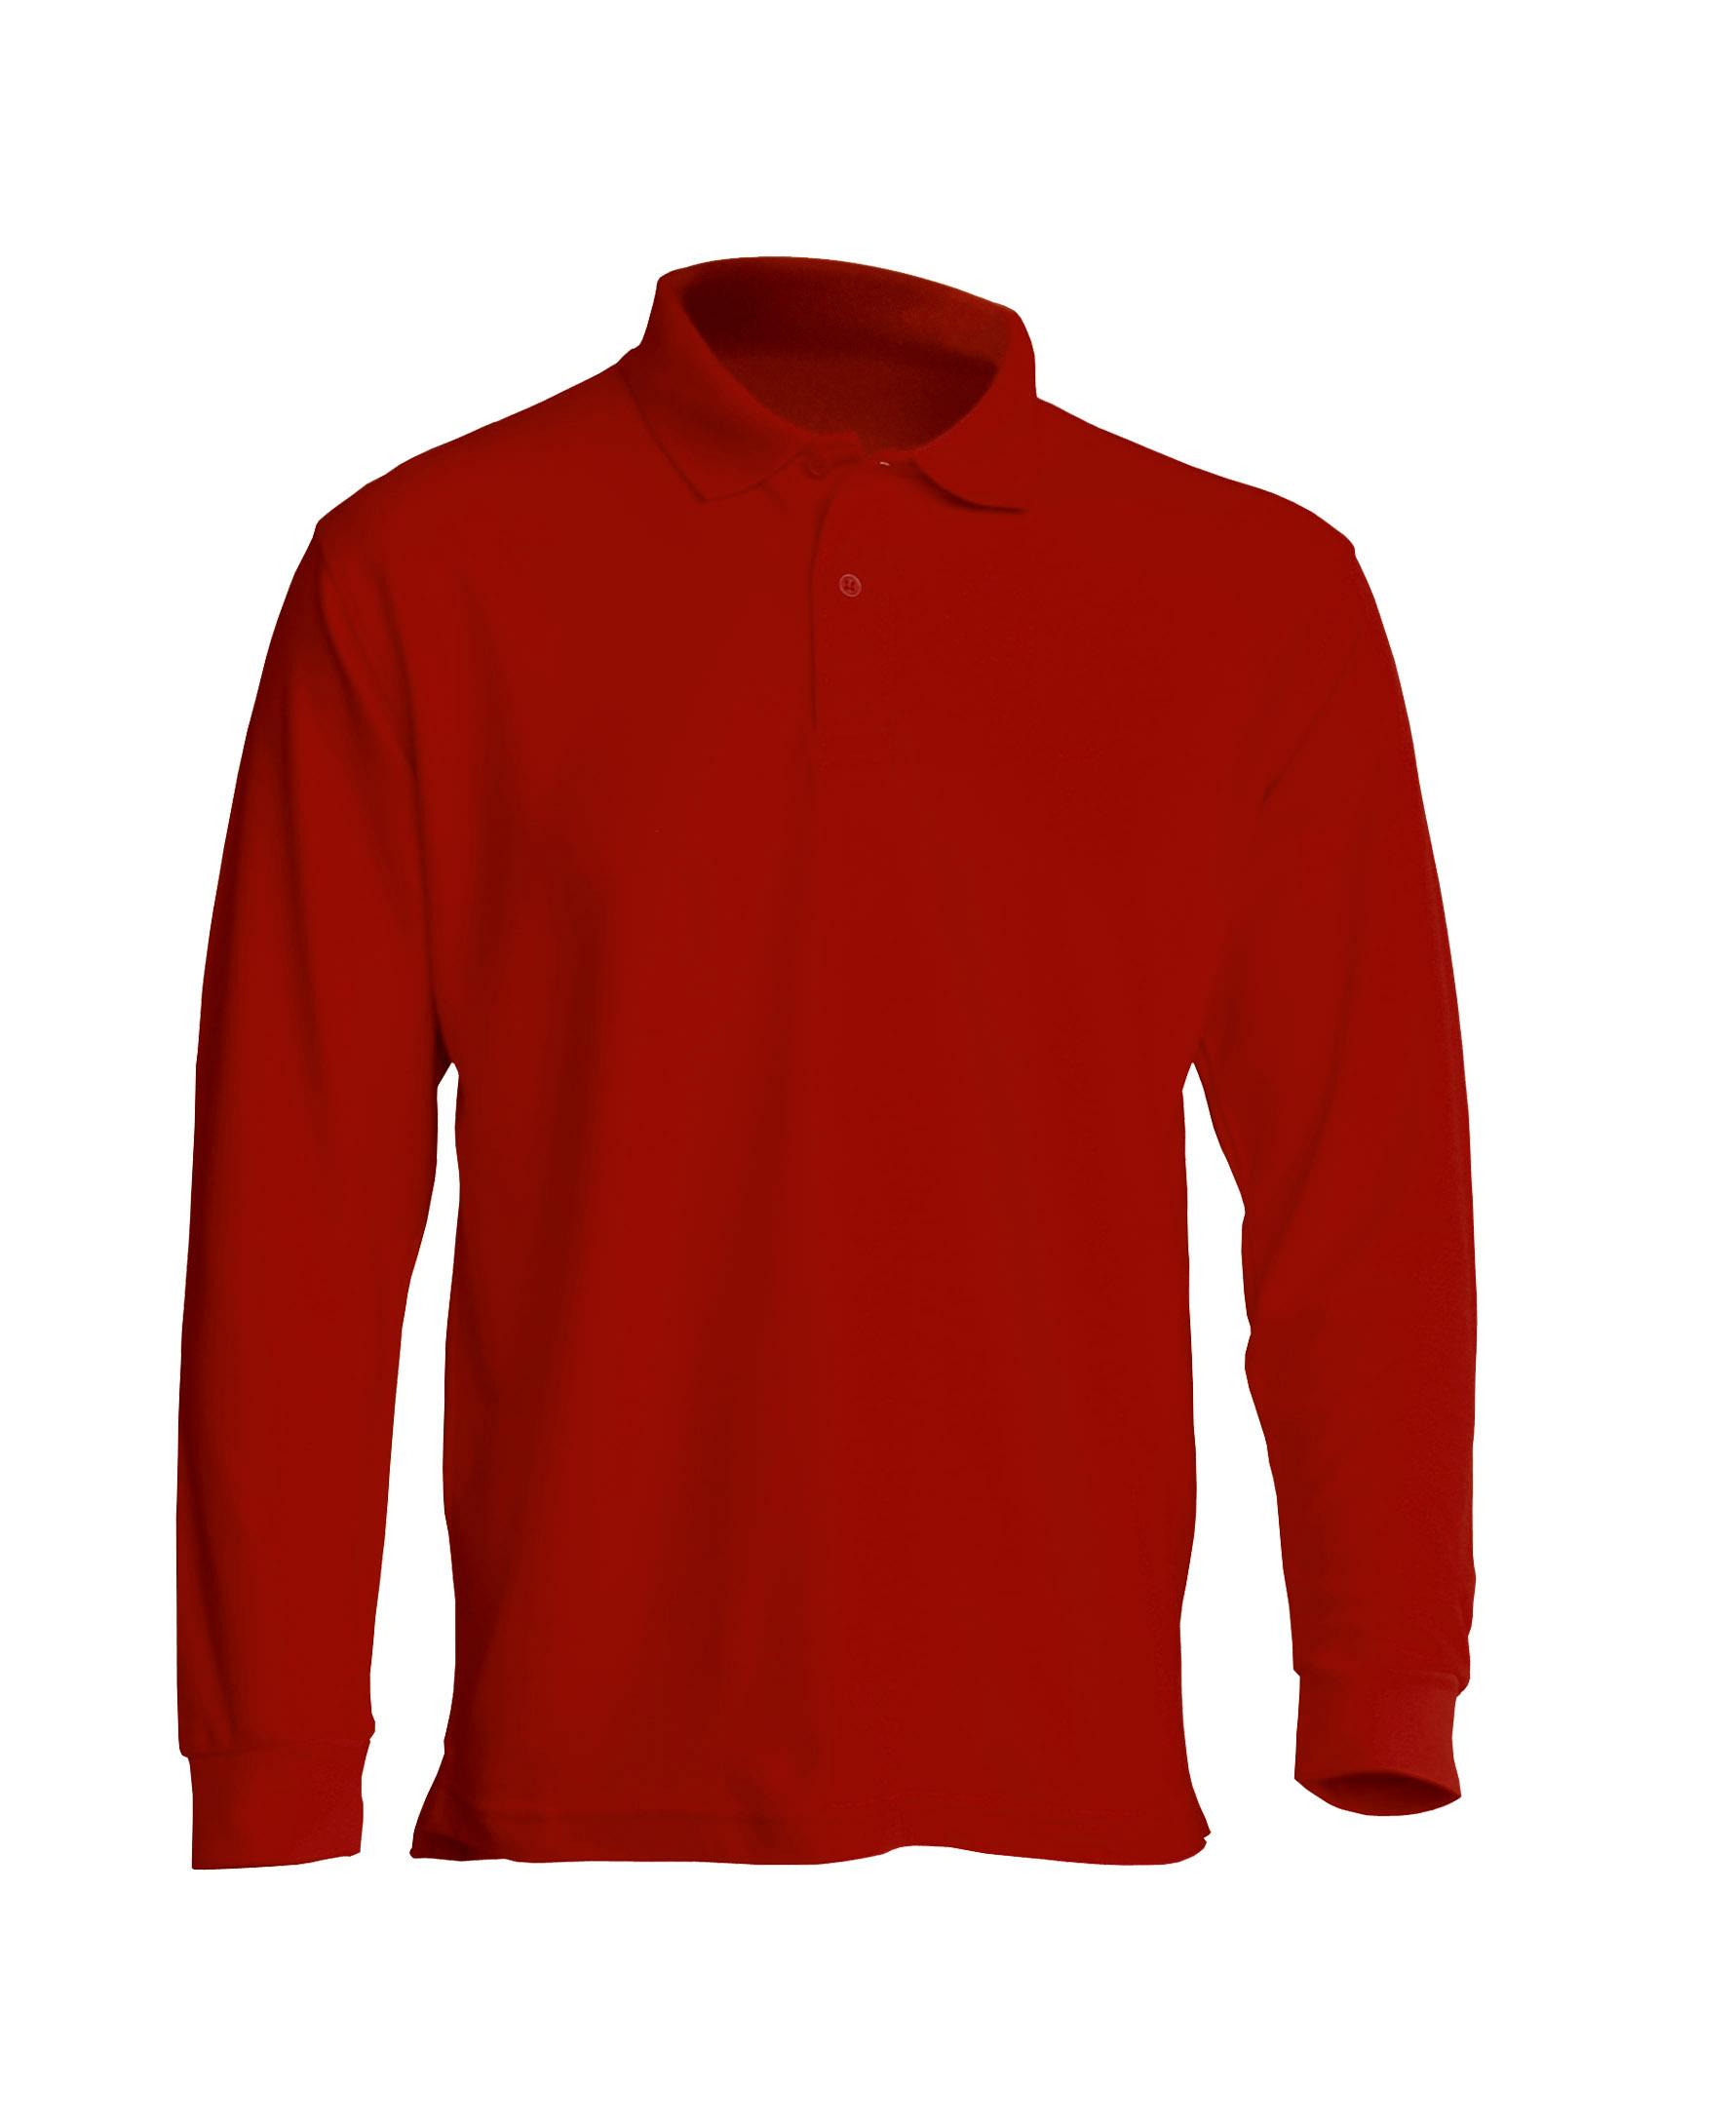 Muška polo majica dugih rukava, crvena